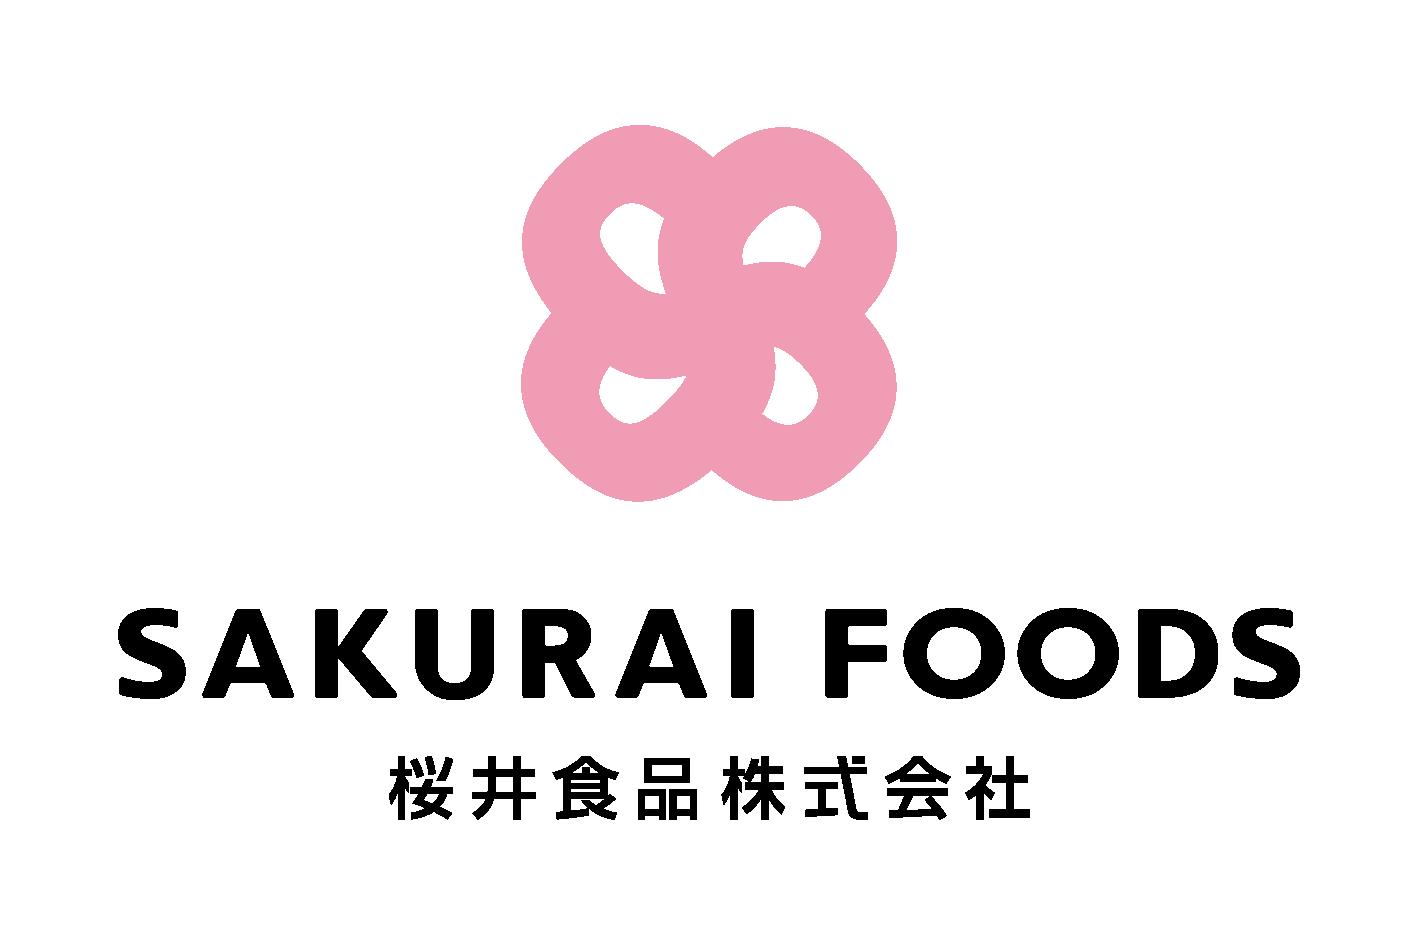 製造/メーカーと親しみ/優しいとピンクのロゴ